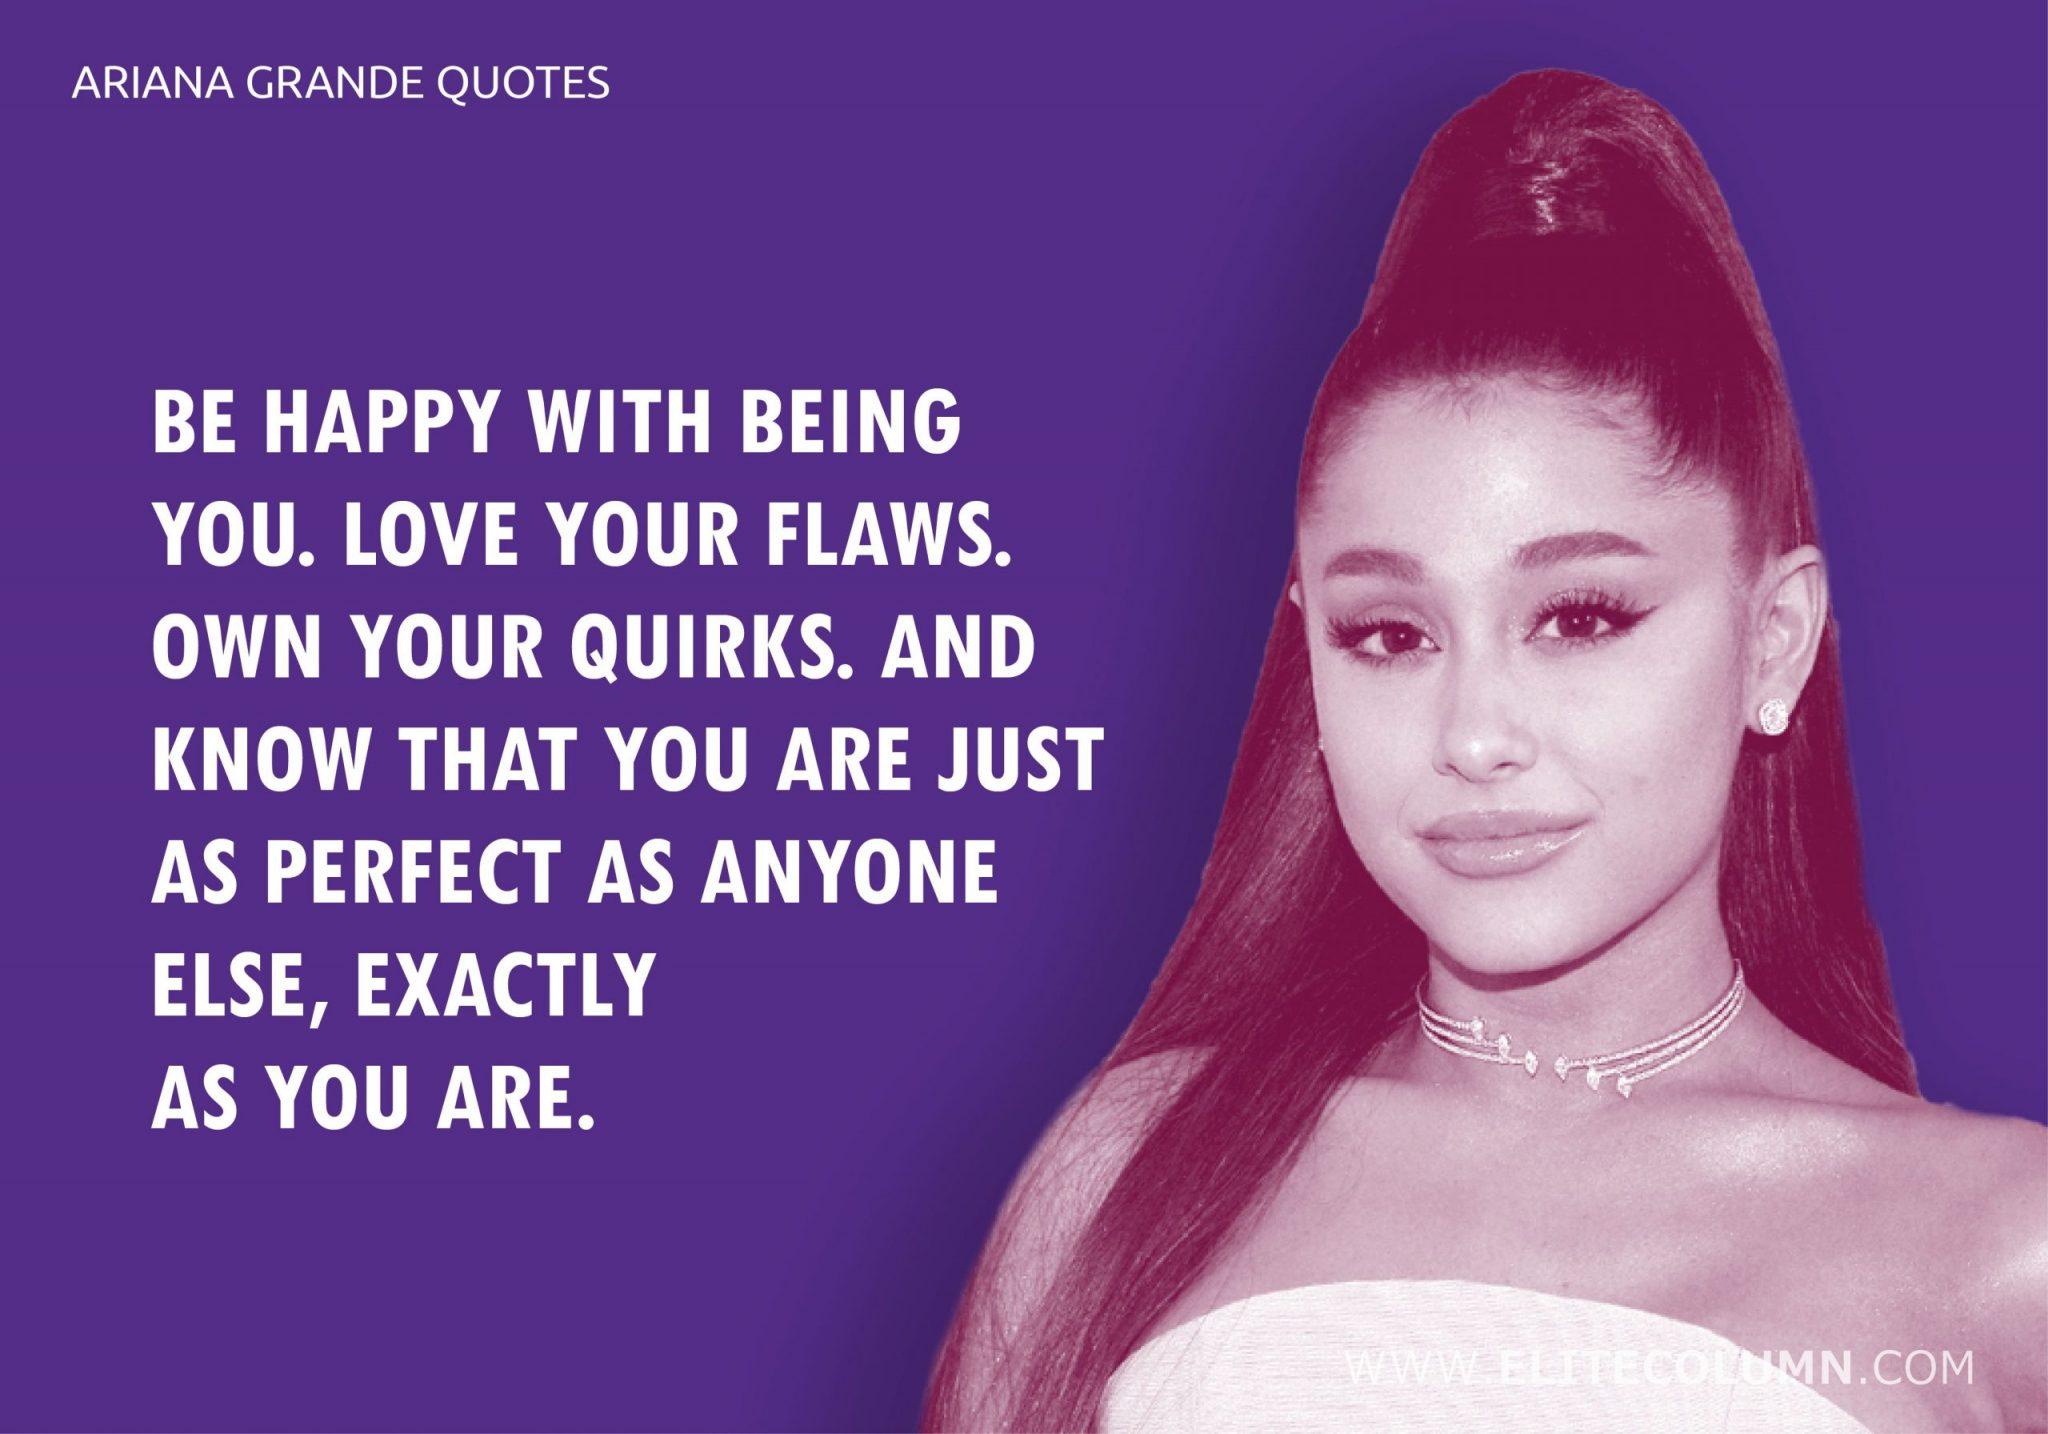 Ariana Grande Quotes (2)